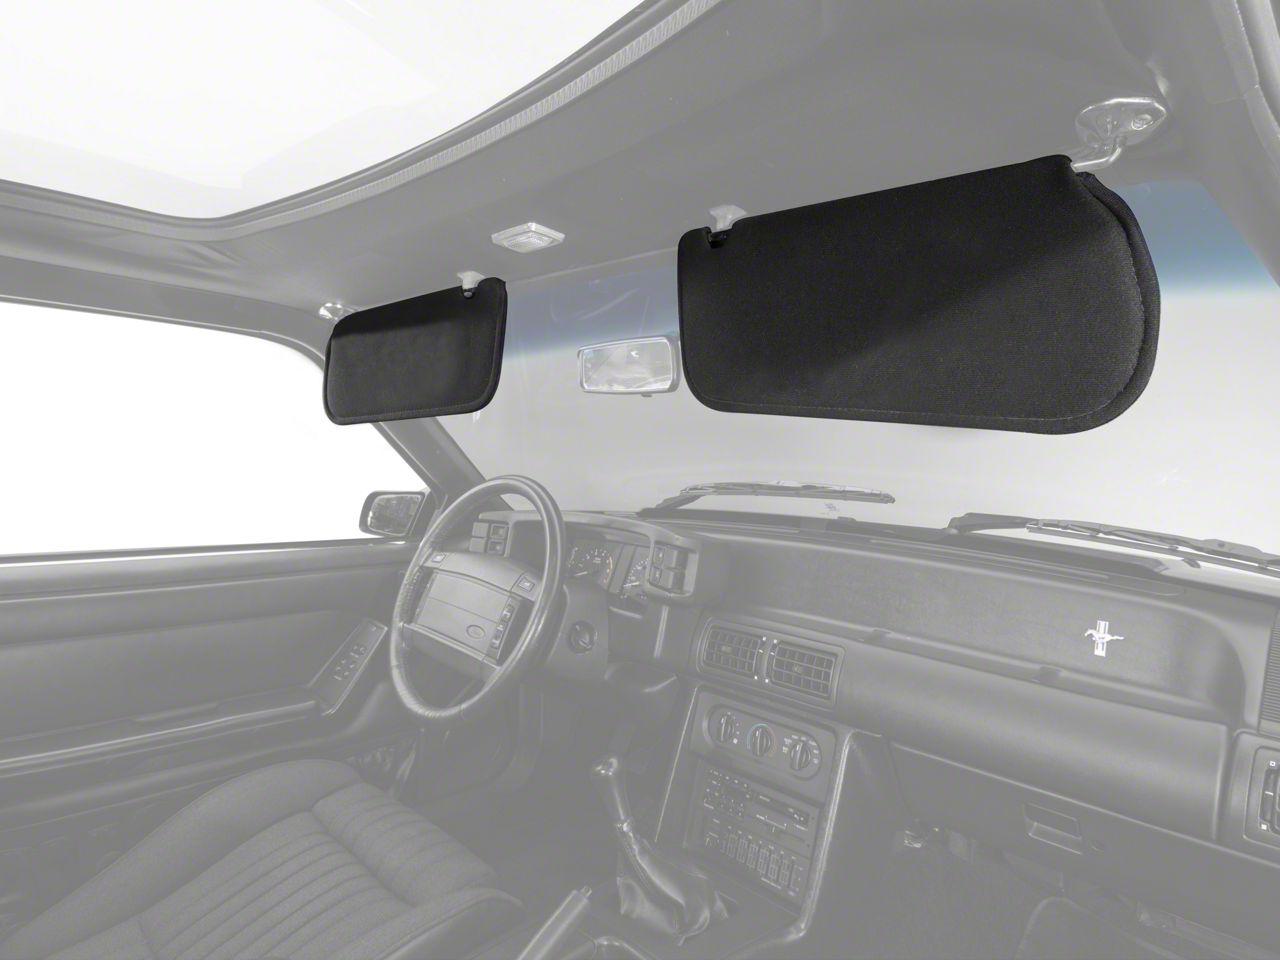 OPR Cloth Sun Visors - Black (83-93 Coupe, Hatchback)